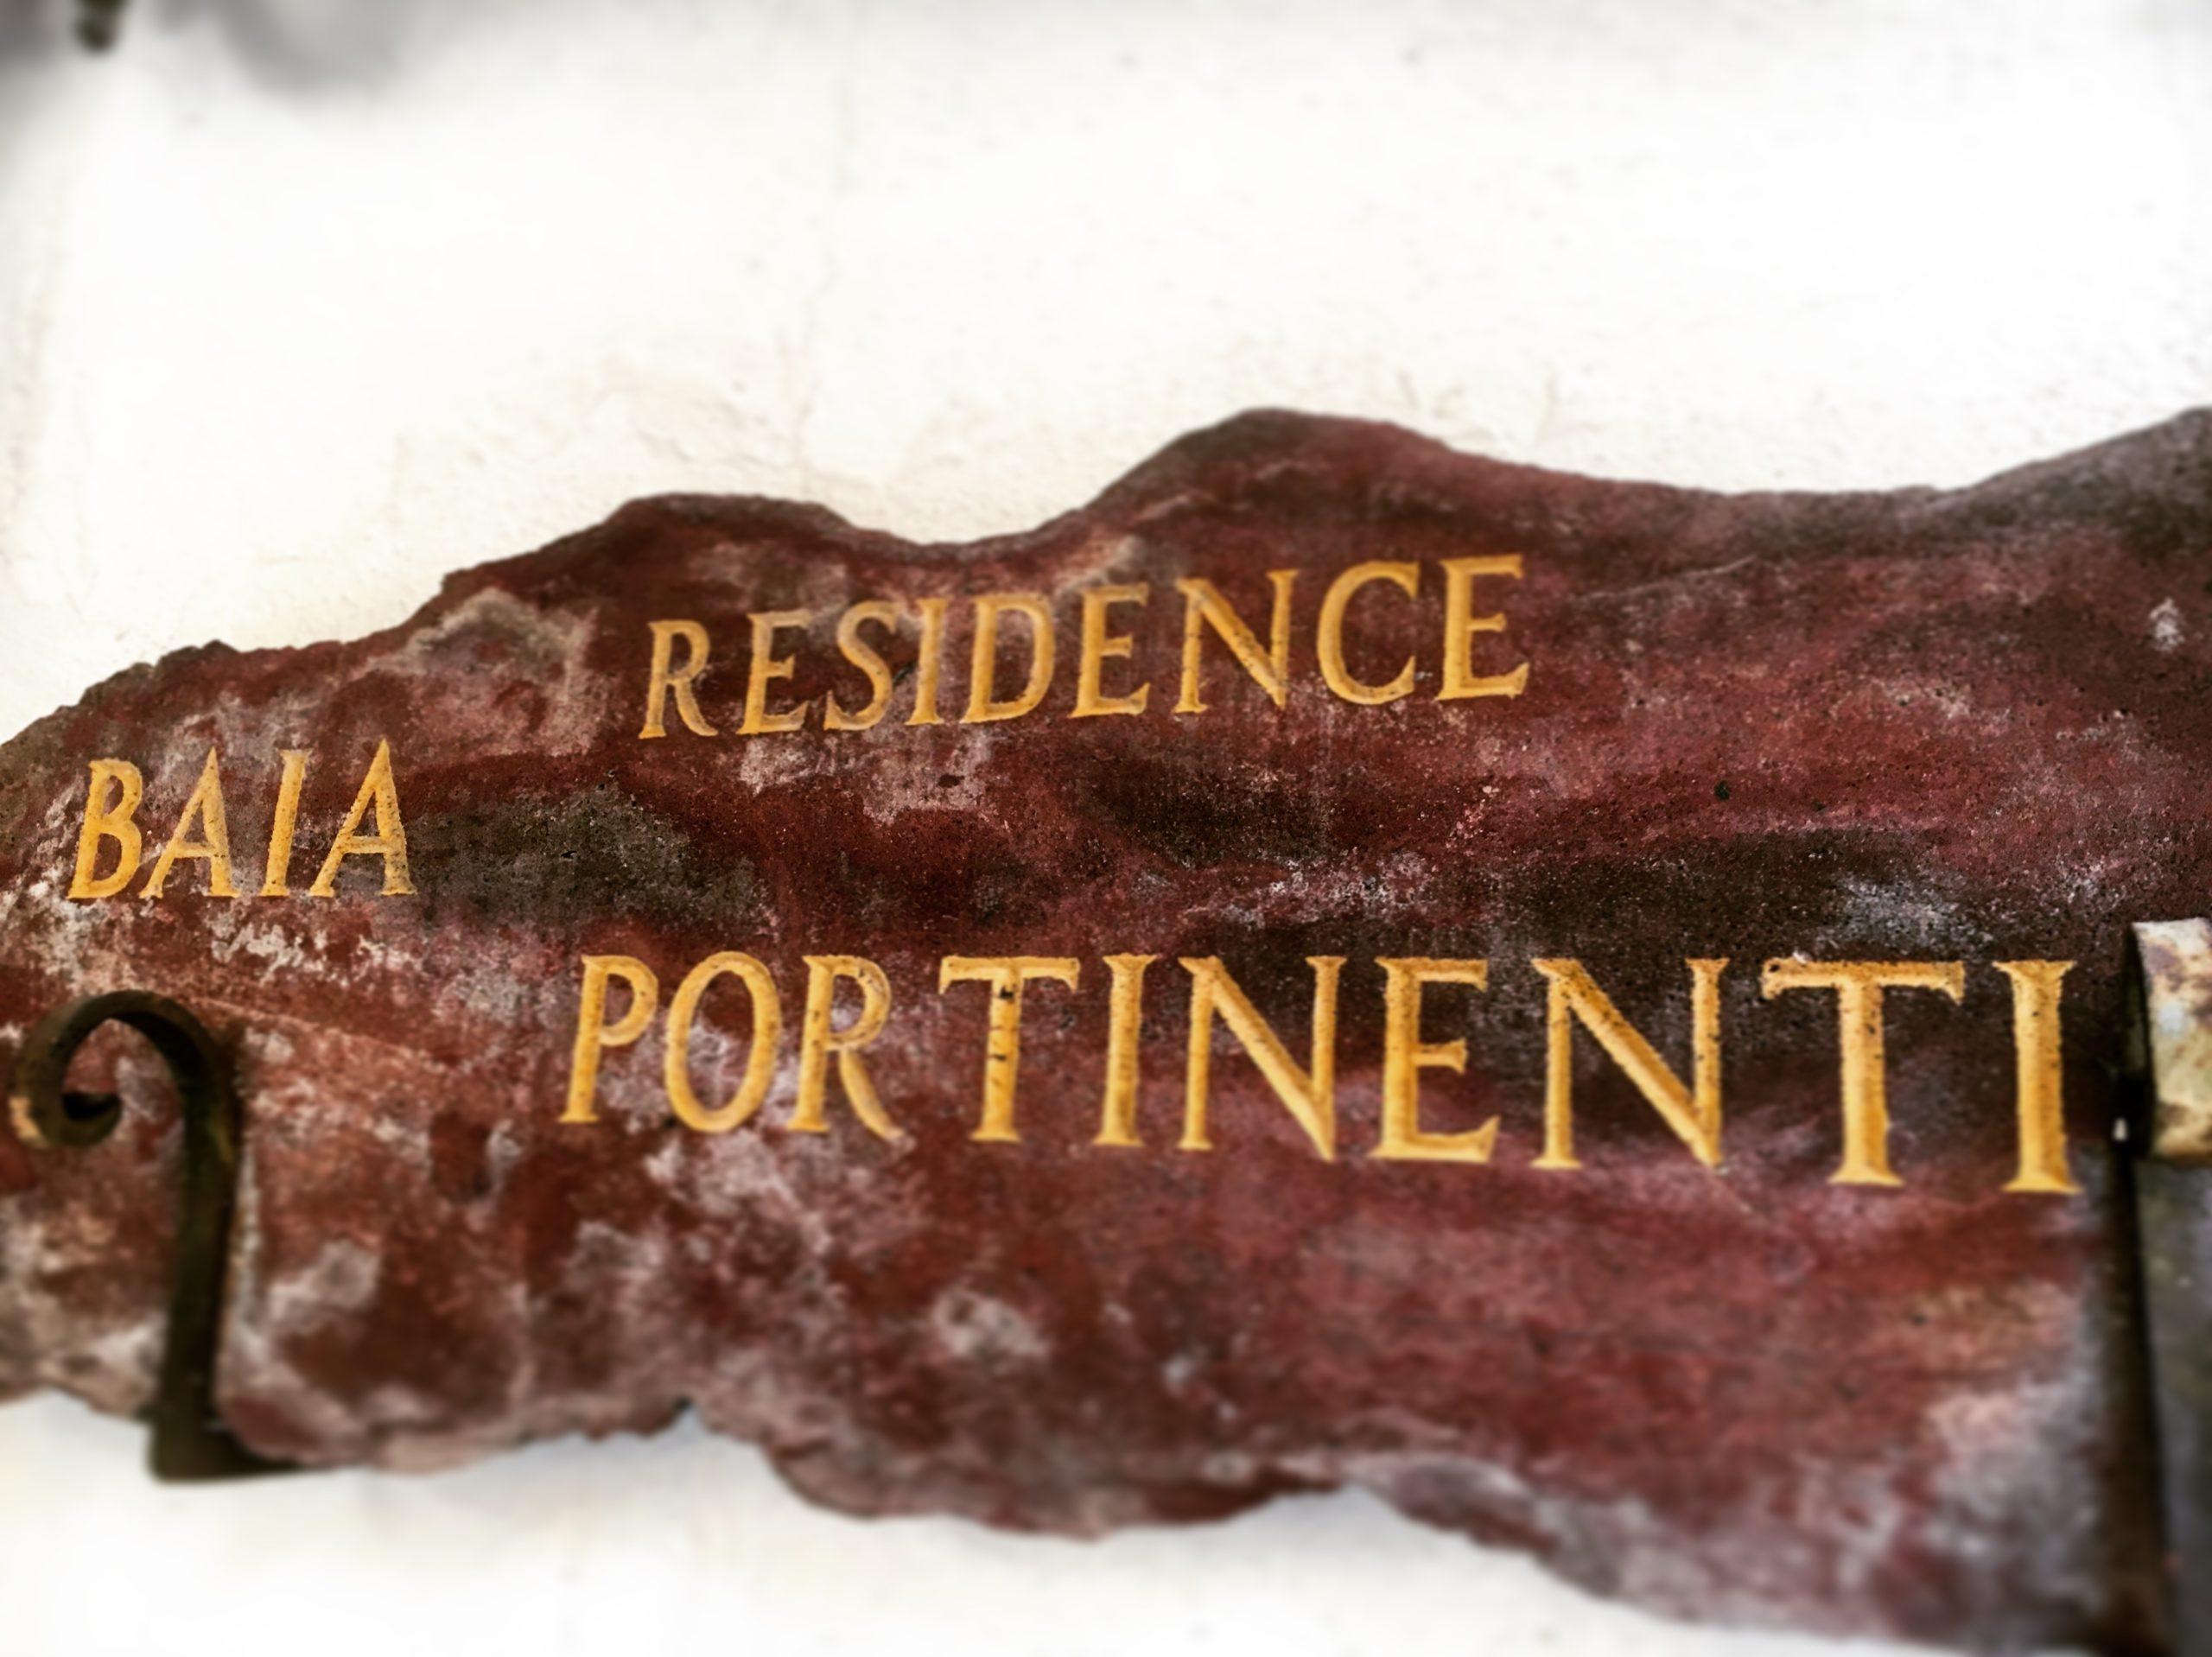 Baia Portinenti